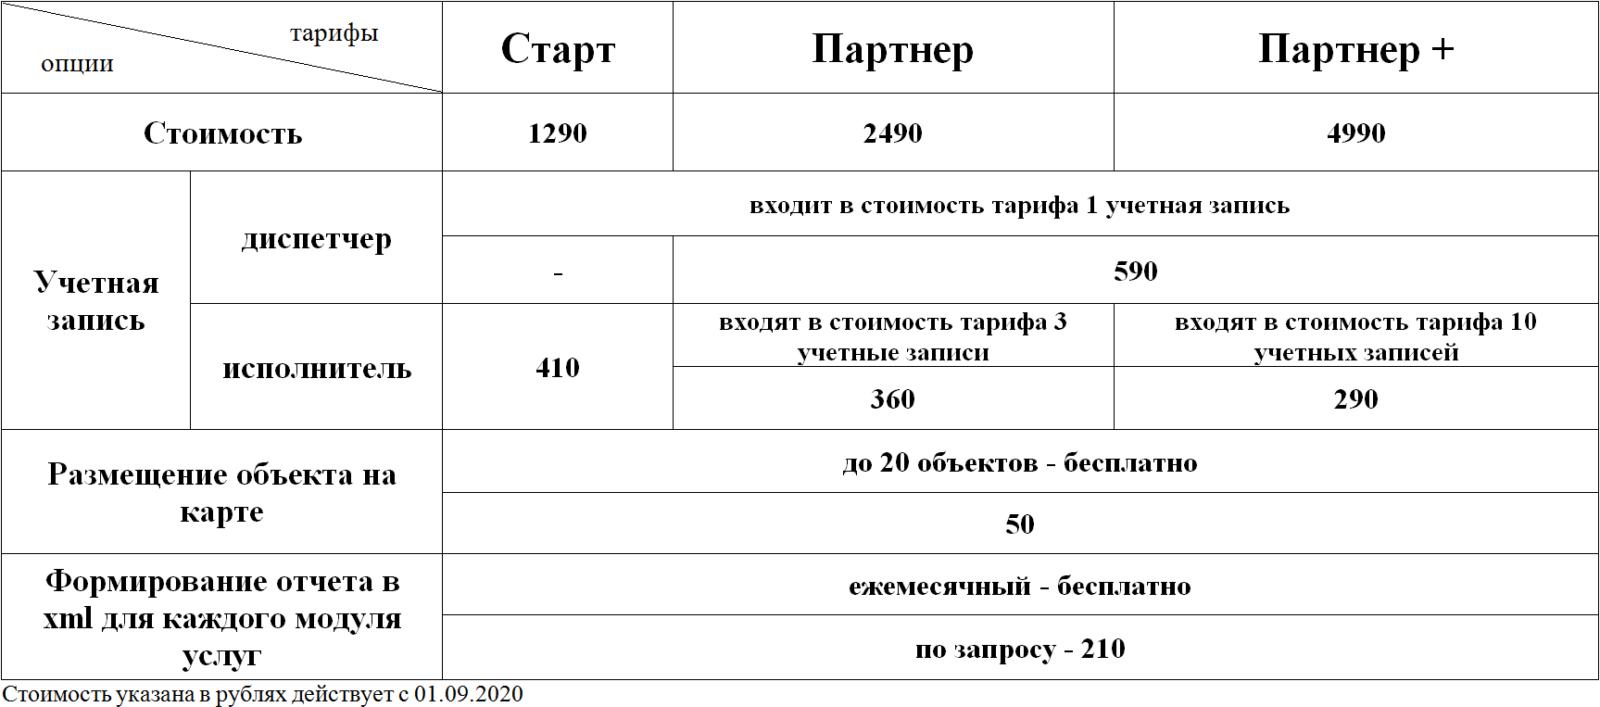 Тарифы АИССО WayWaste